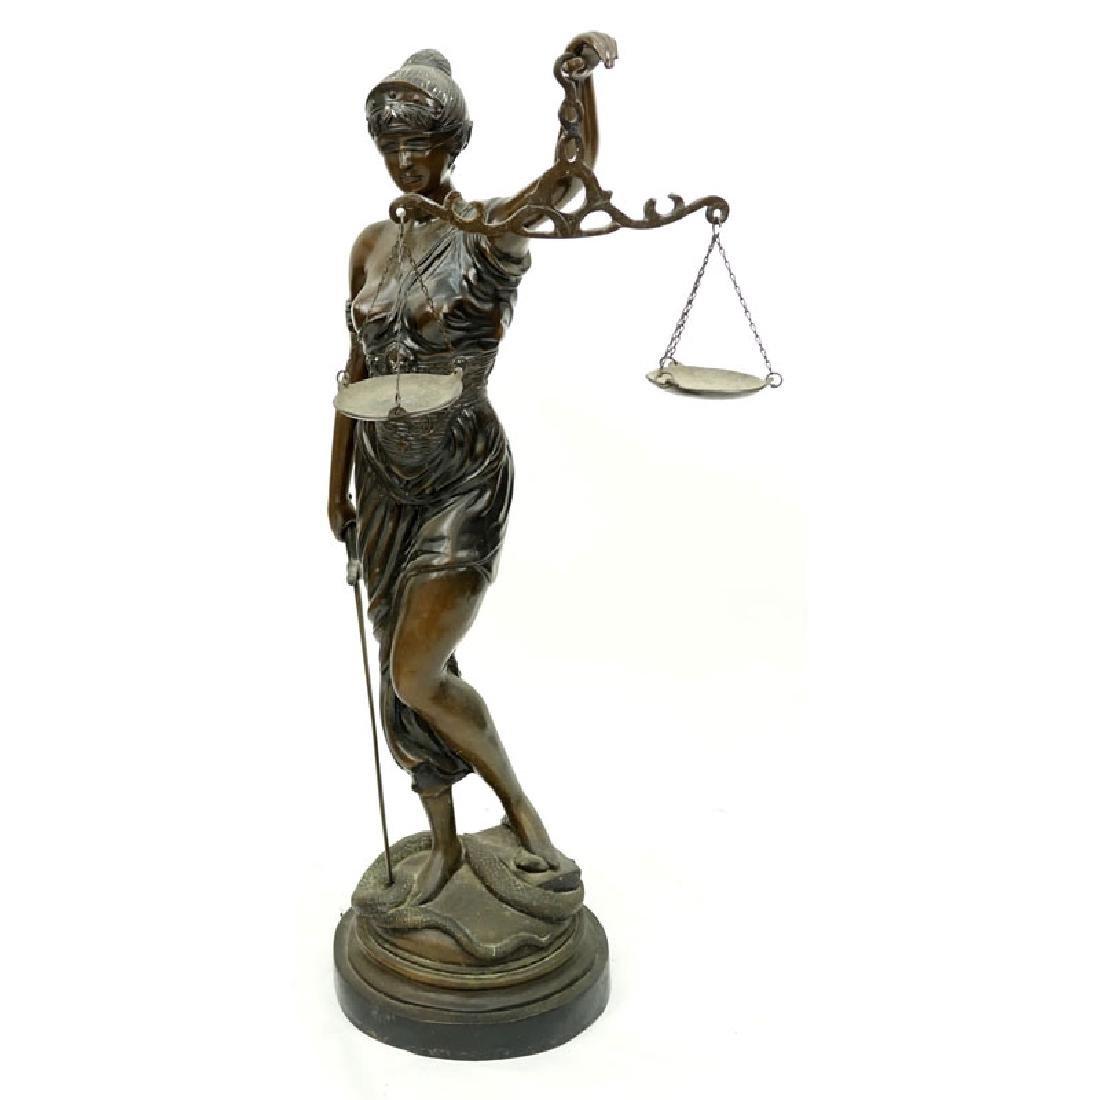 Large Art Nouveau Bronze Sculpture of Blind Justice - 2